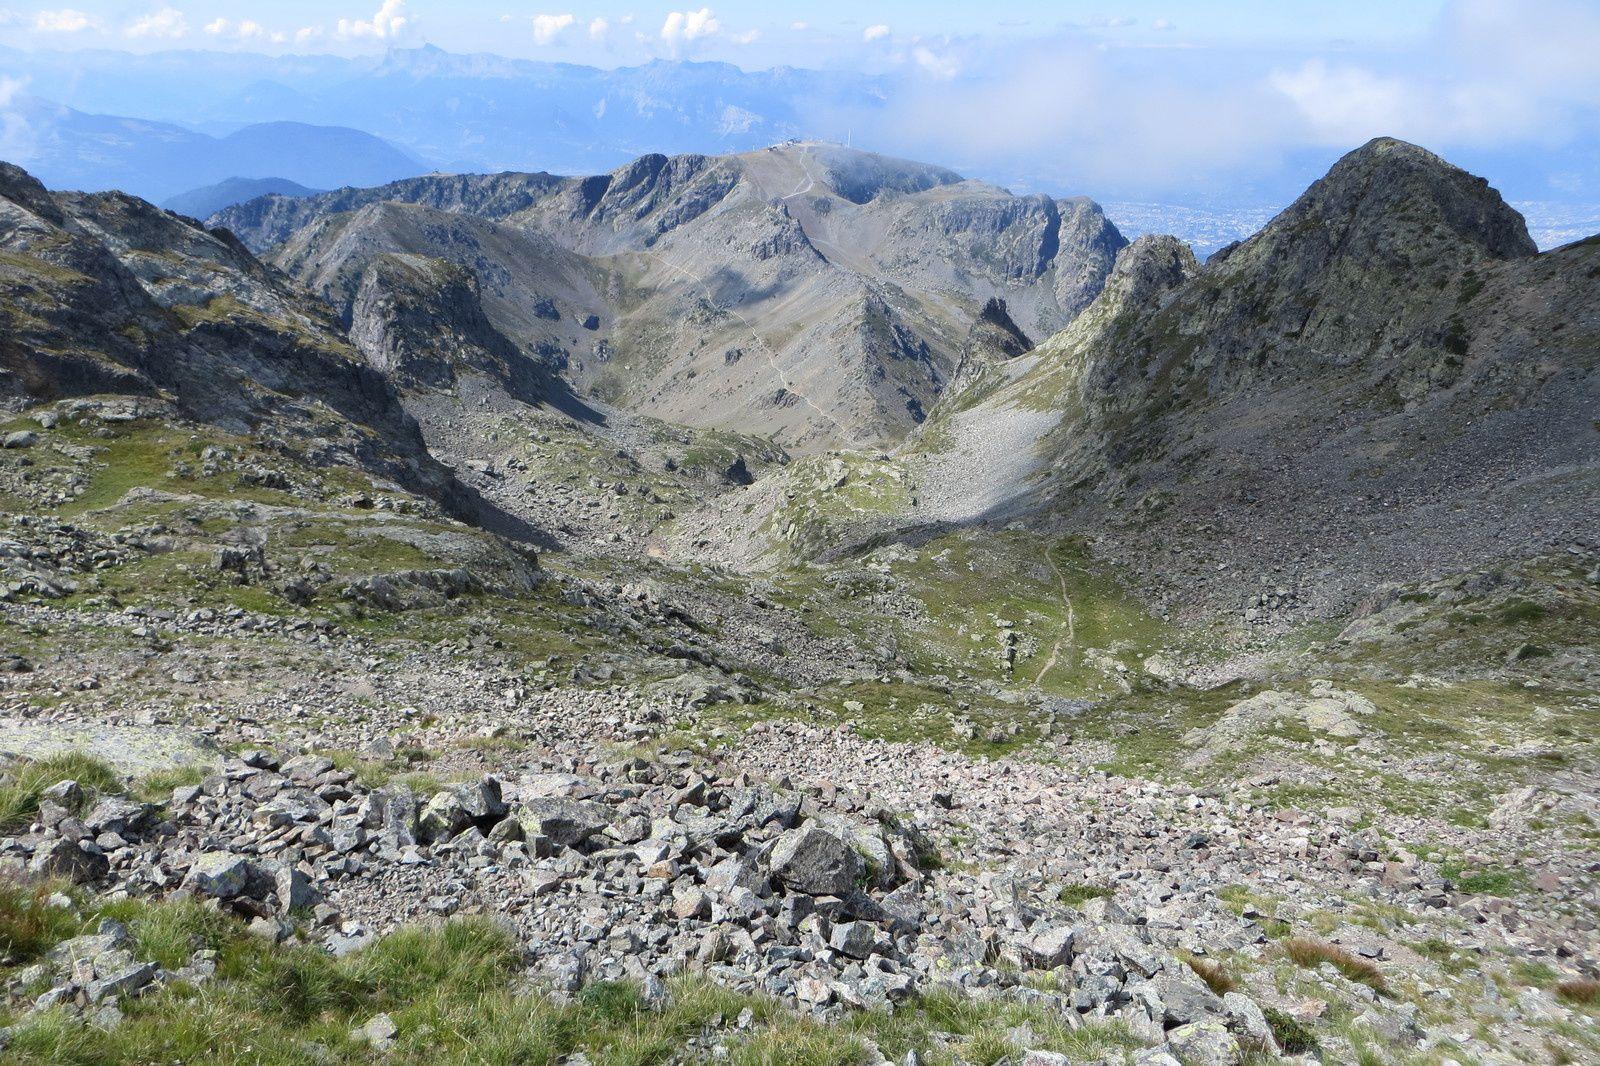 Vue générale de l'itinéraire du sommet au Col de la Botte